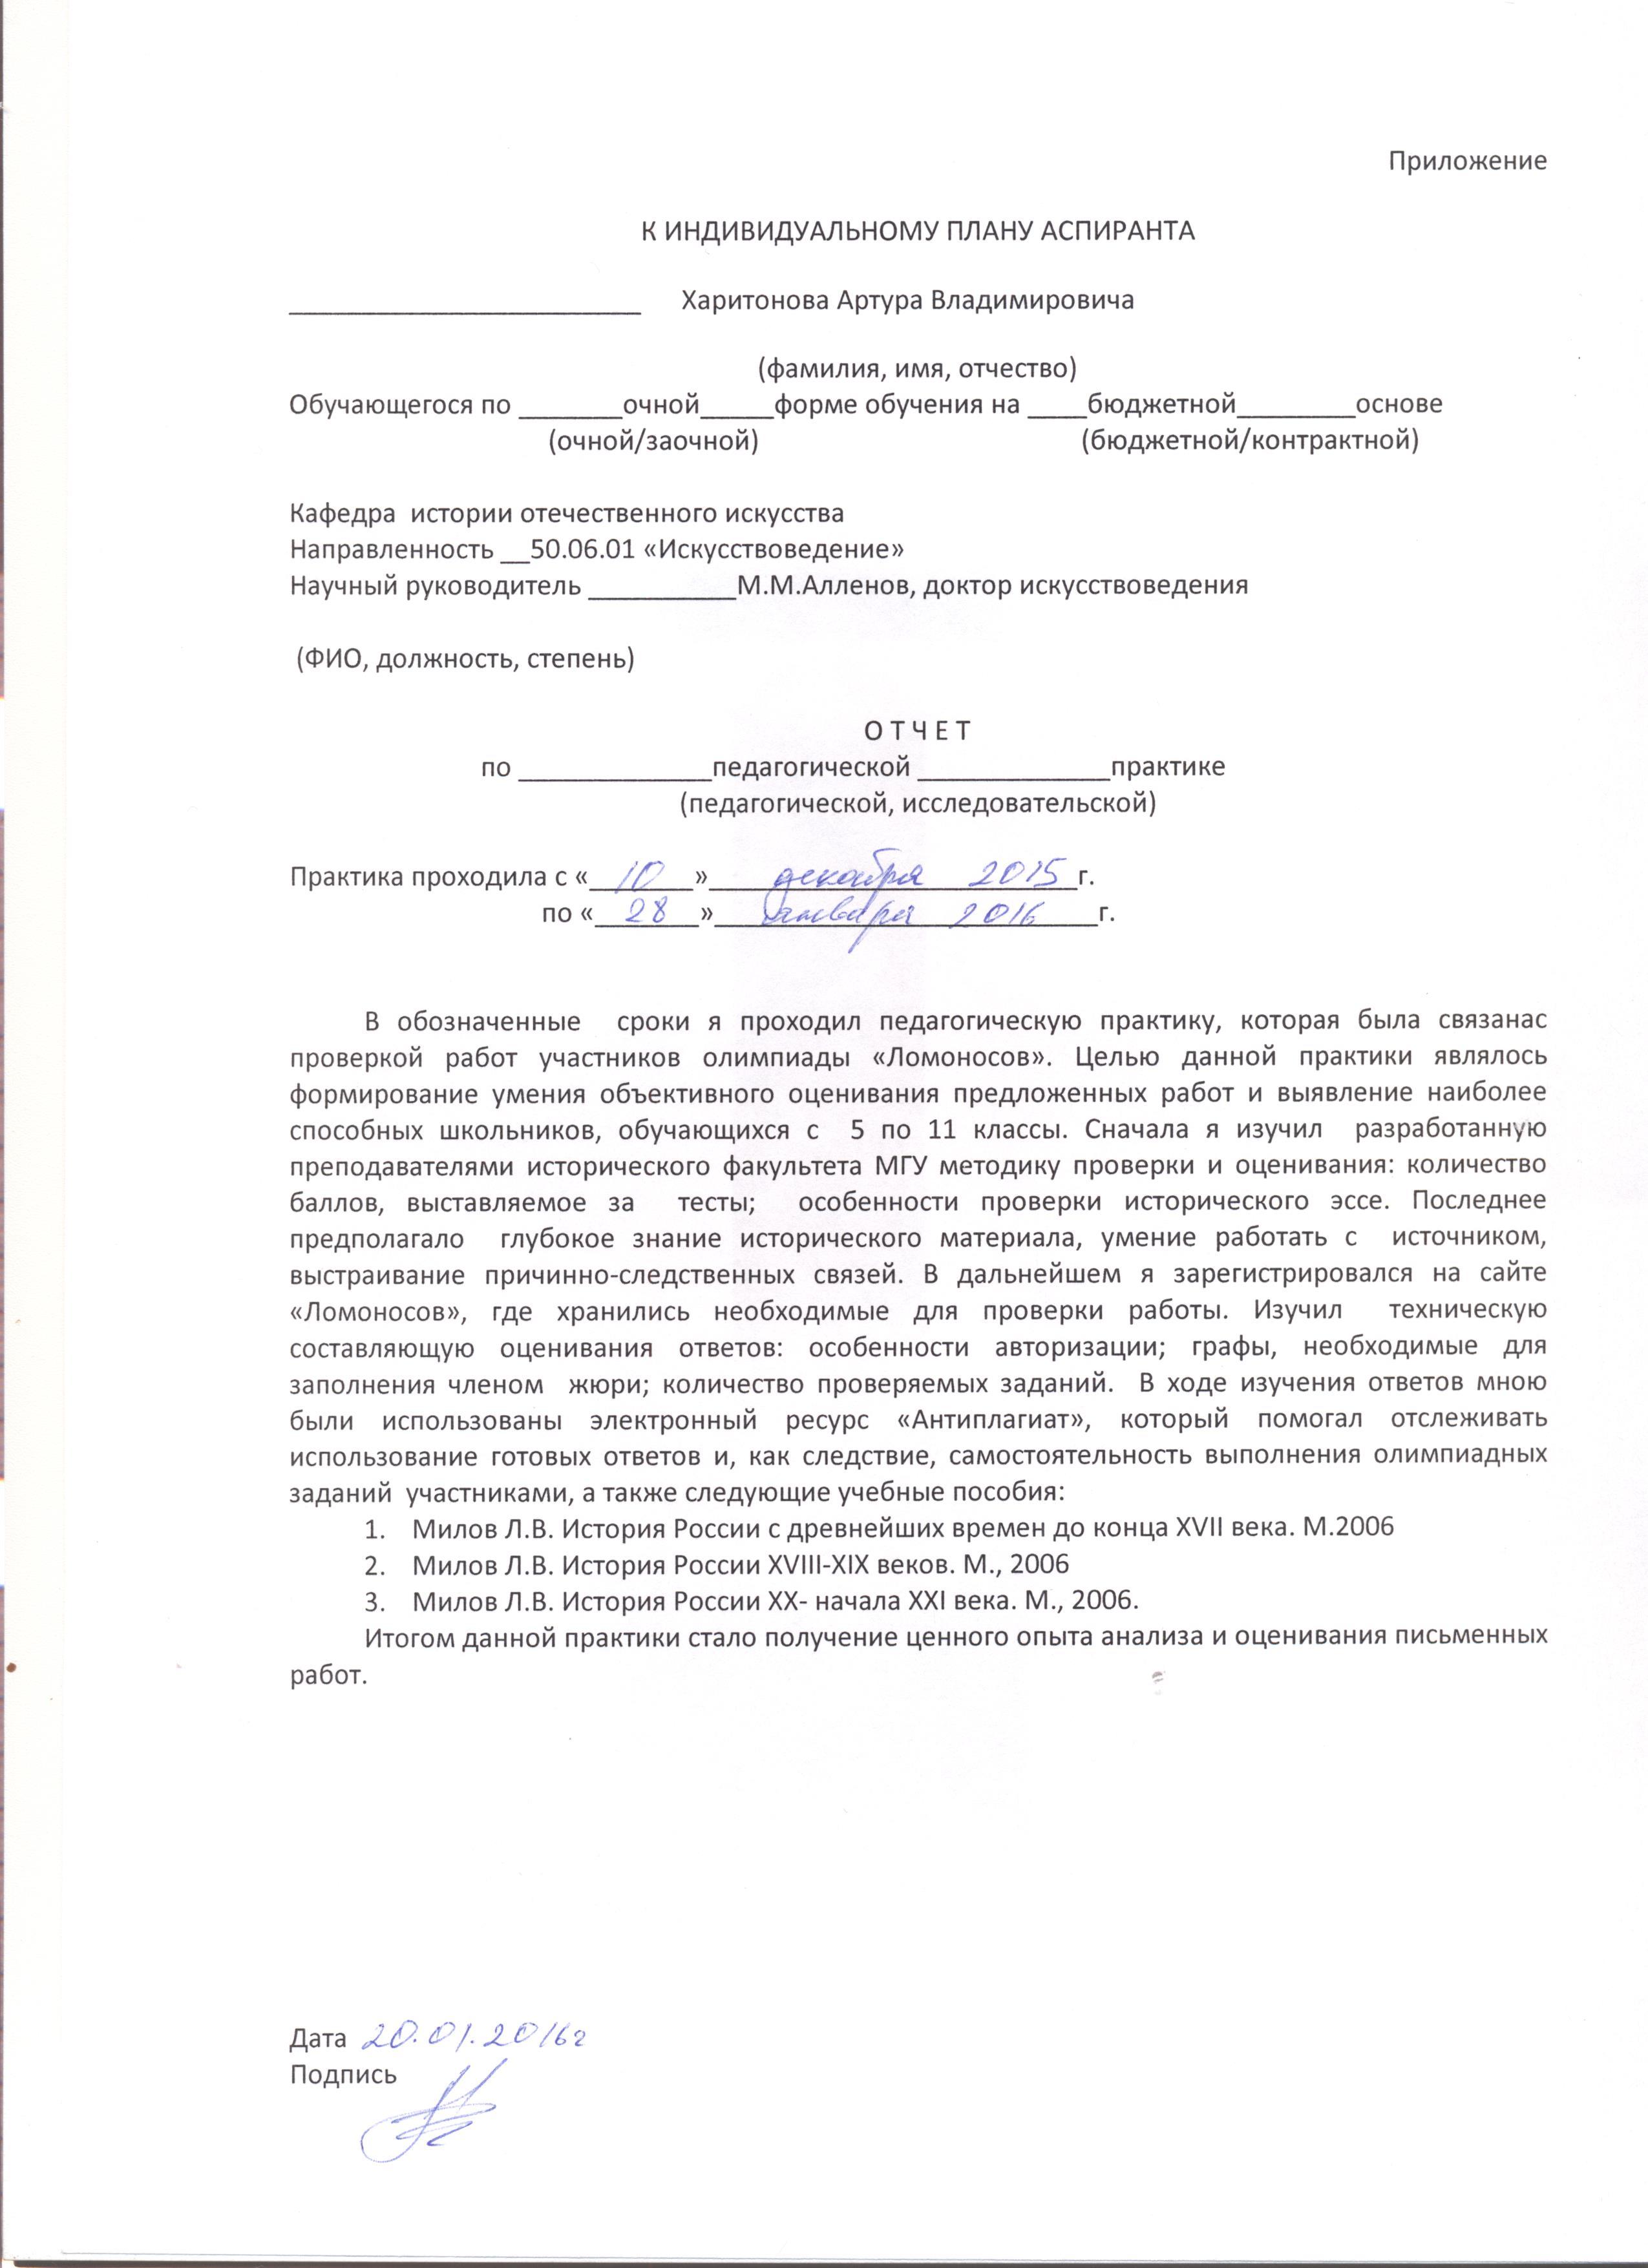 Харитонов Артур Владимирович пользователь сотрудник ИСТИНА  Отчет по исследовательской практике 2 2 · Отчет по научно исследовательской деятельности 2 2